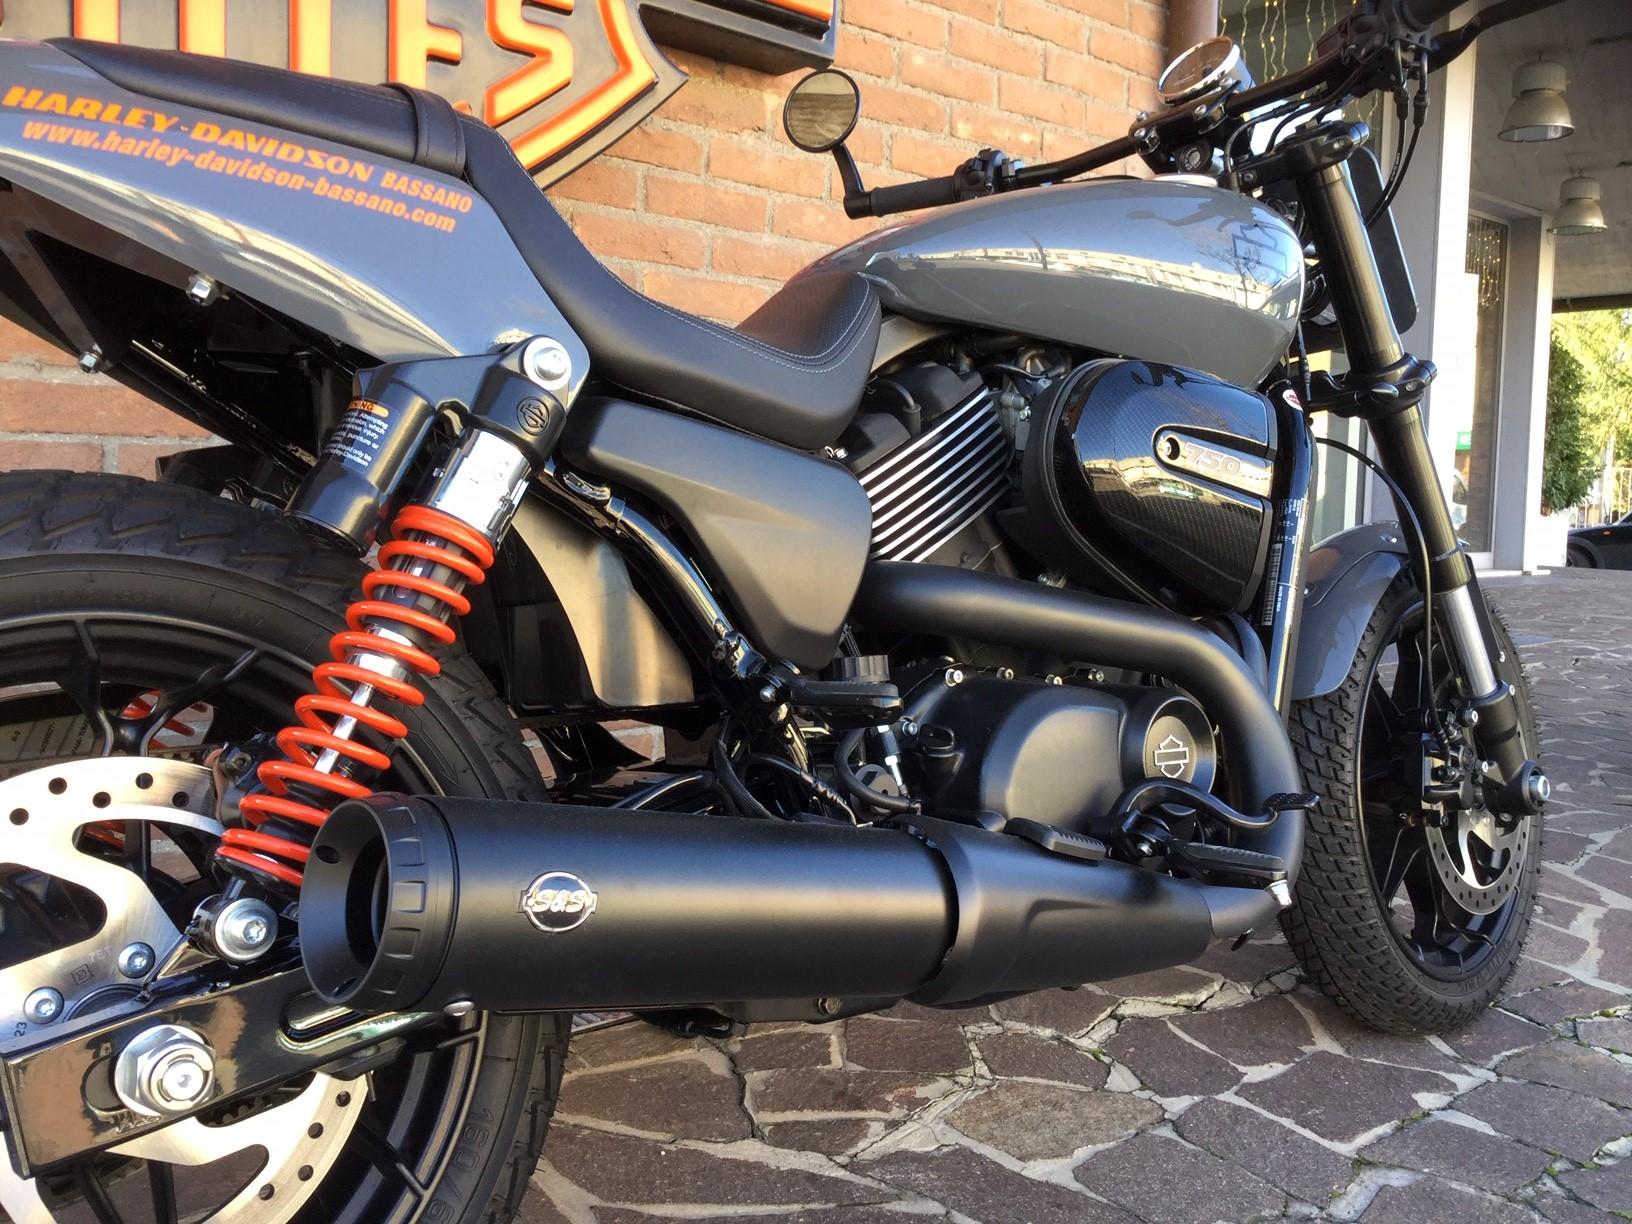 XG750A Street Rod 750